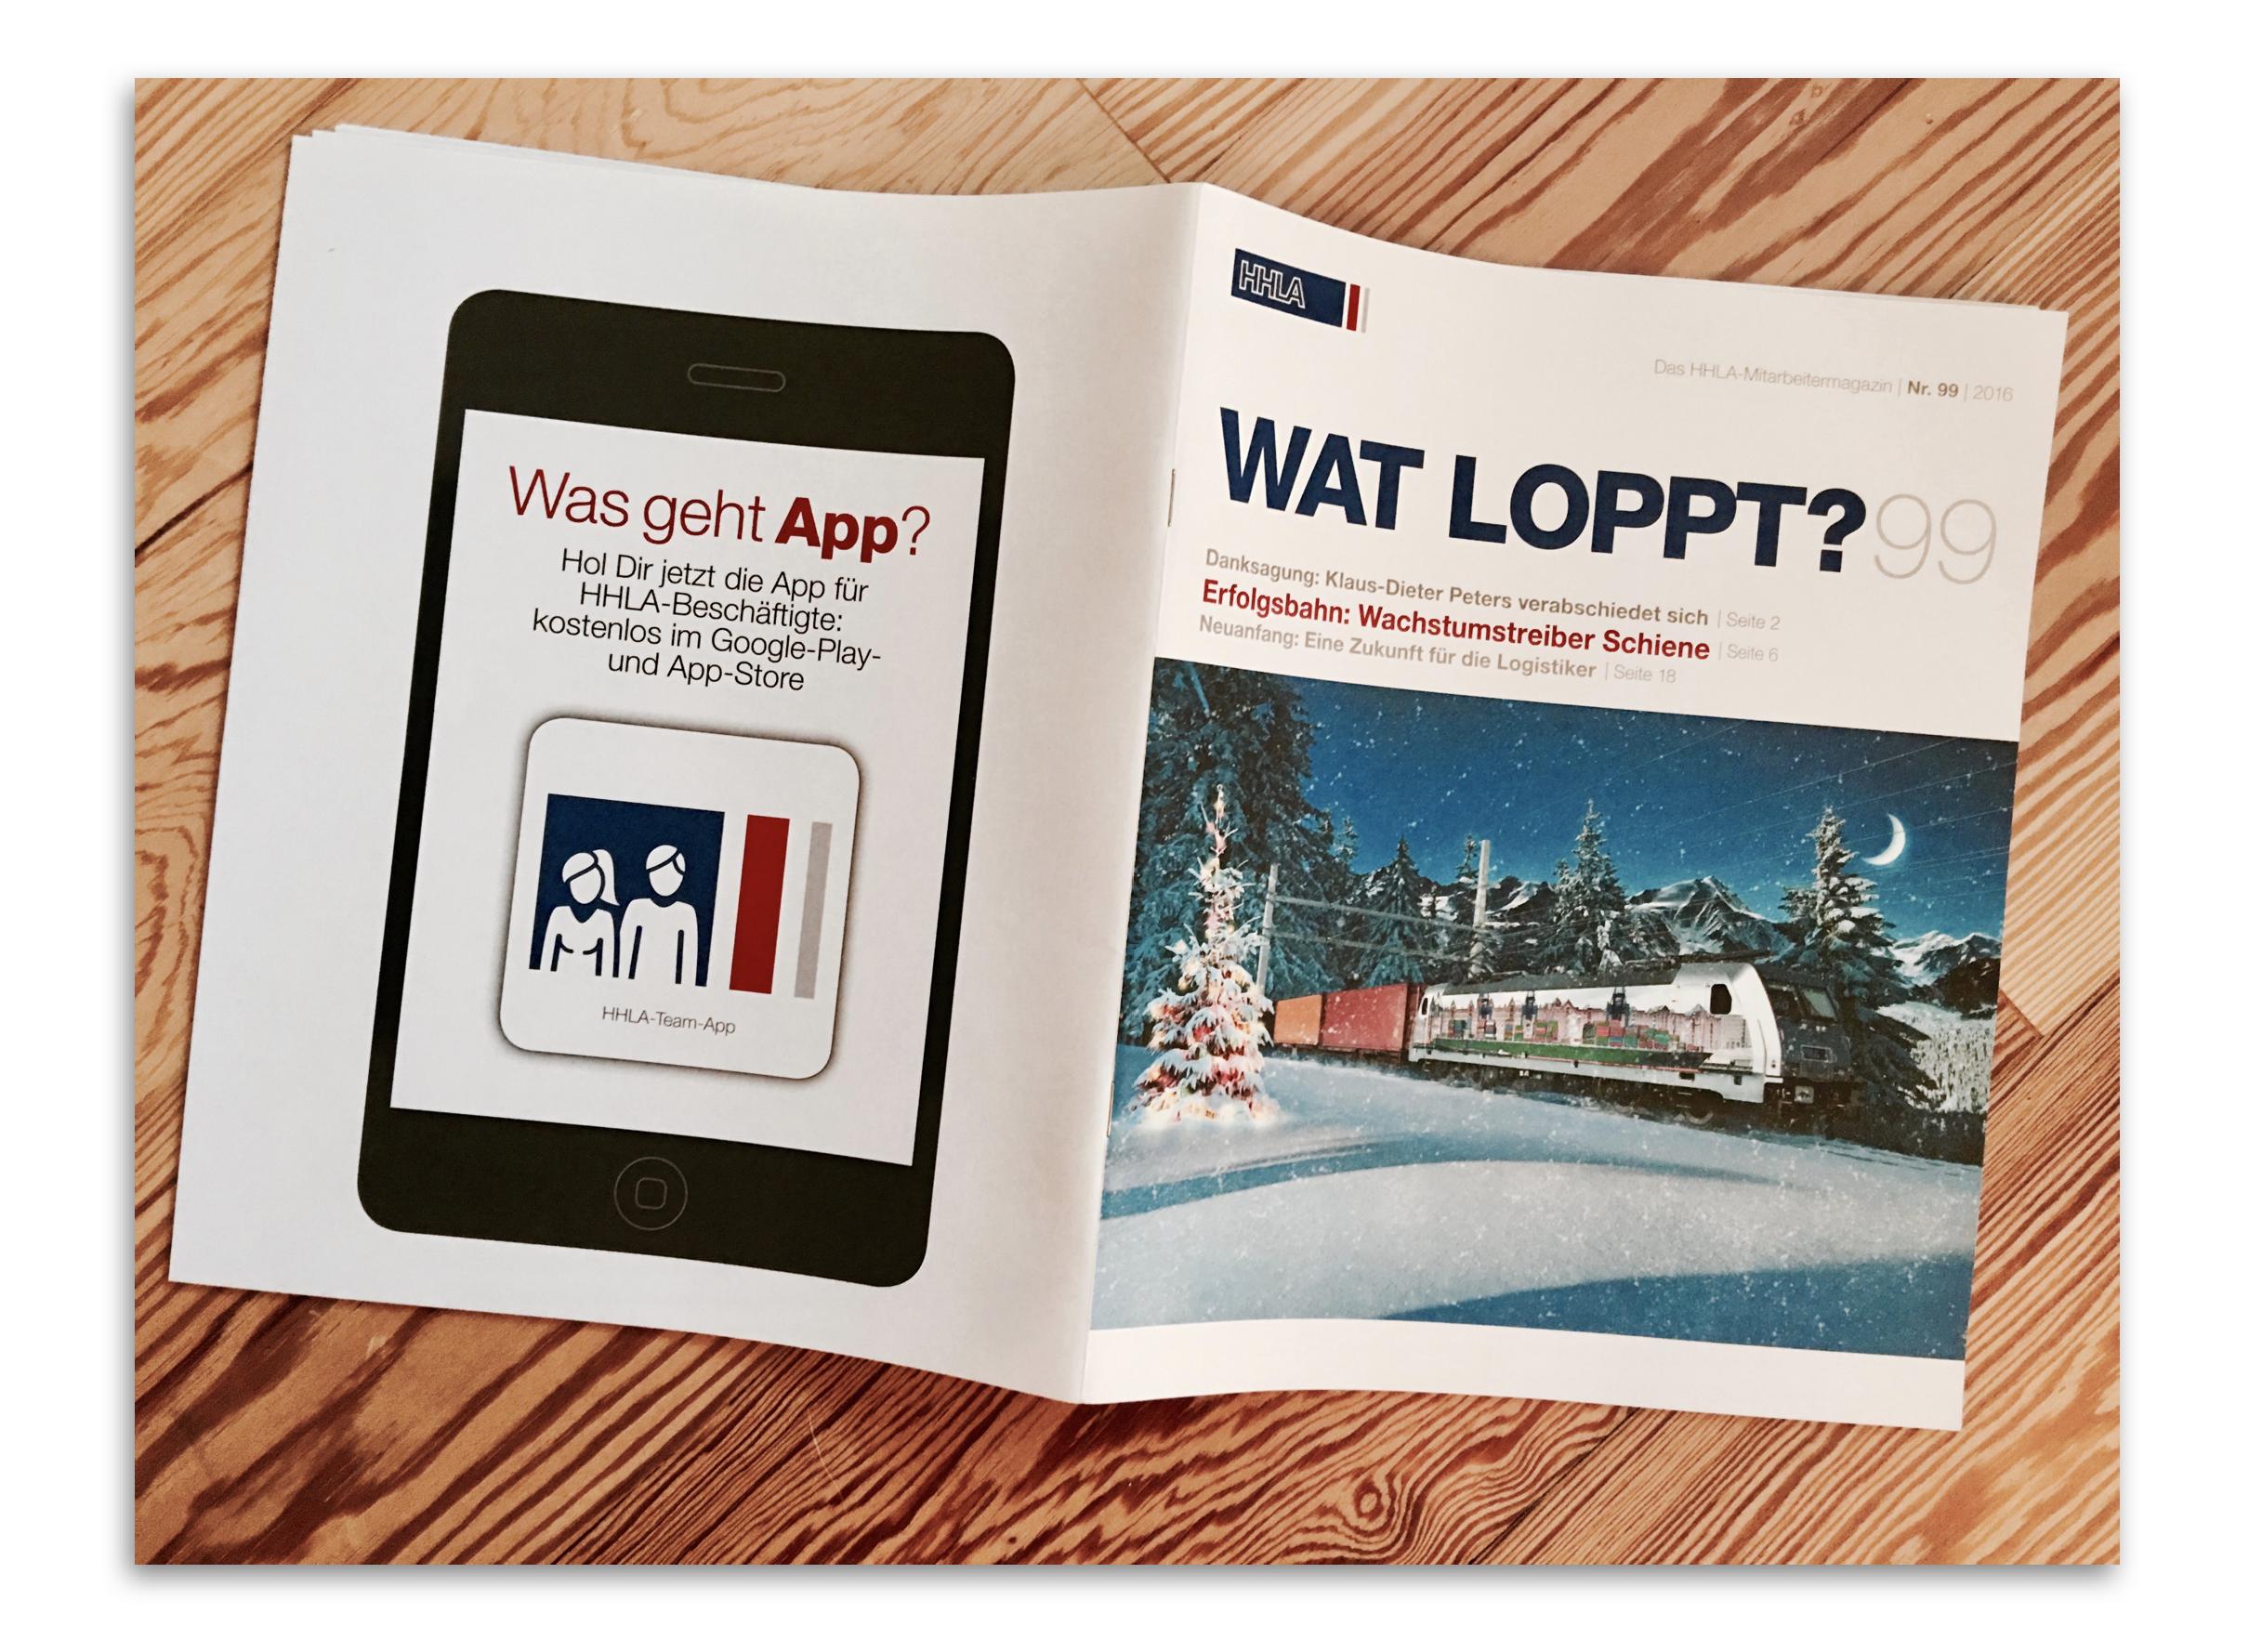 Die HHLA BOWL - beworben im HHLA Magazin  WAT LOPPT?